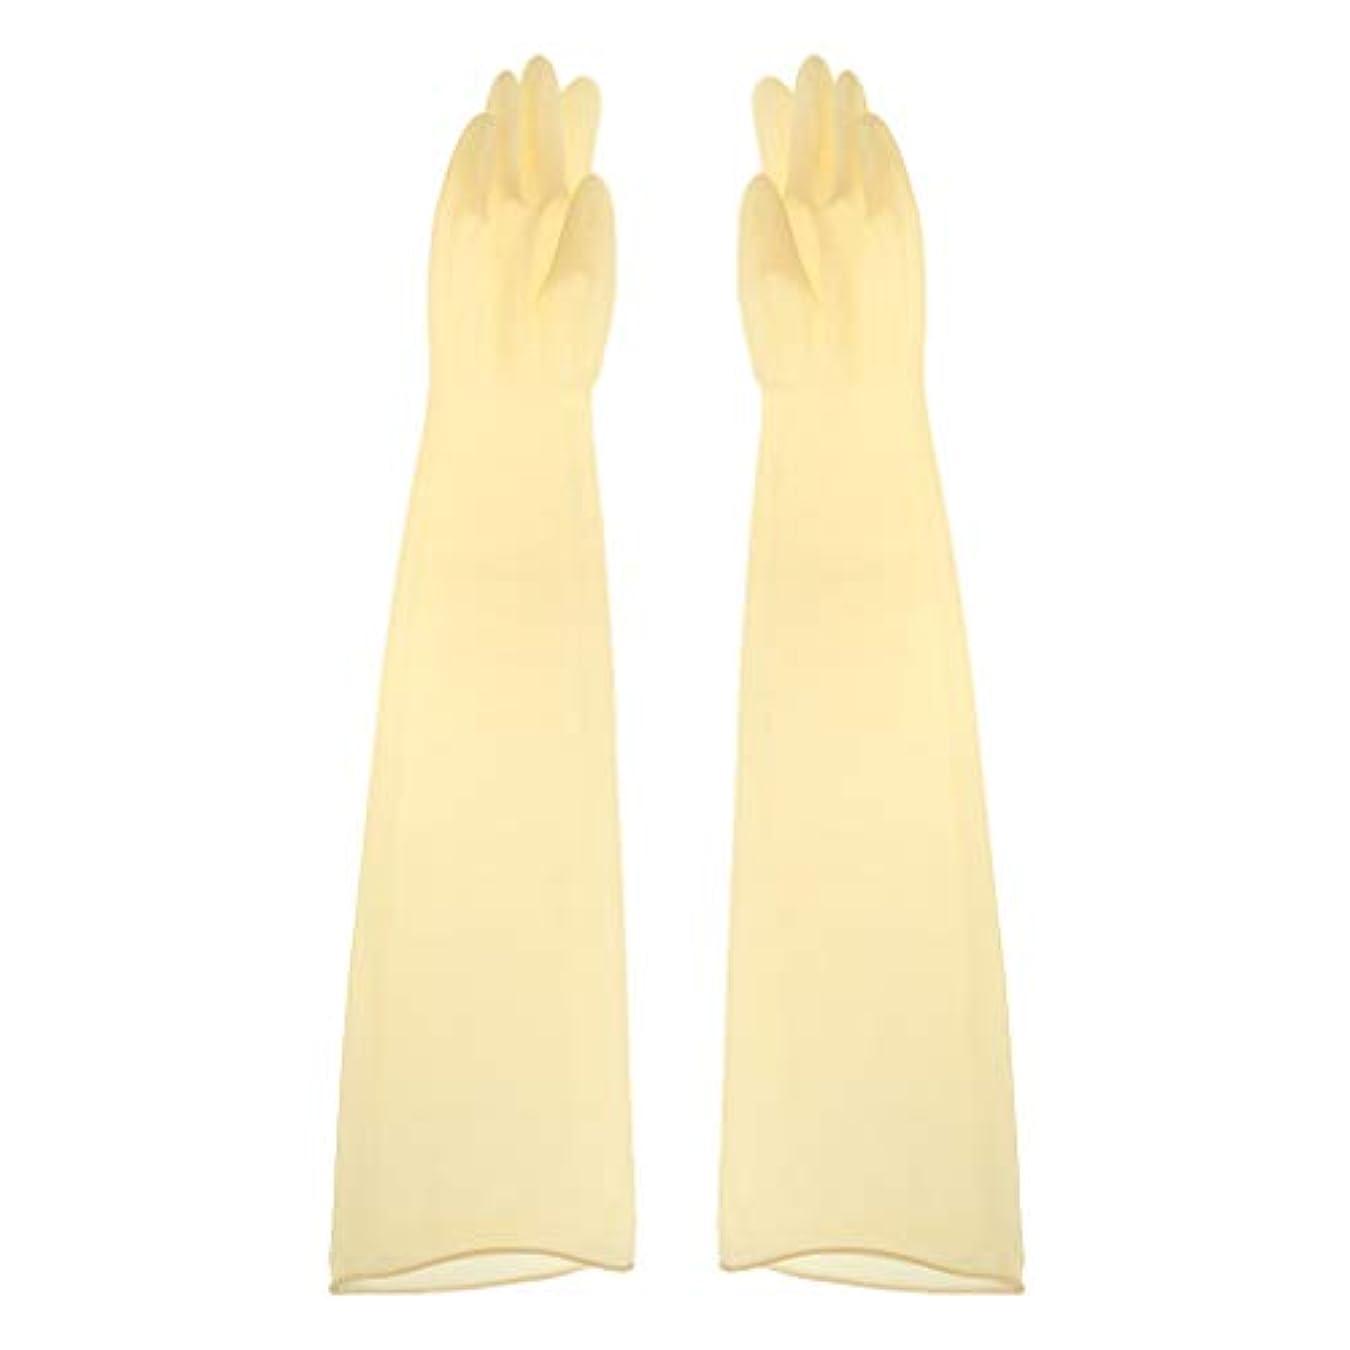 繰り返す期限学習ゴム手袋 ロング 70cm 耐薬品性 酸?アルカリに強い手袋 ラテックス手袋 1ペア - 700x160x0.8mm